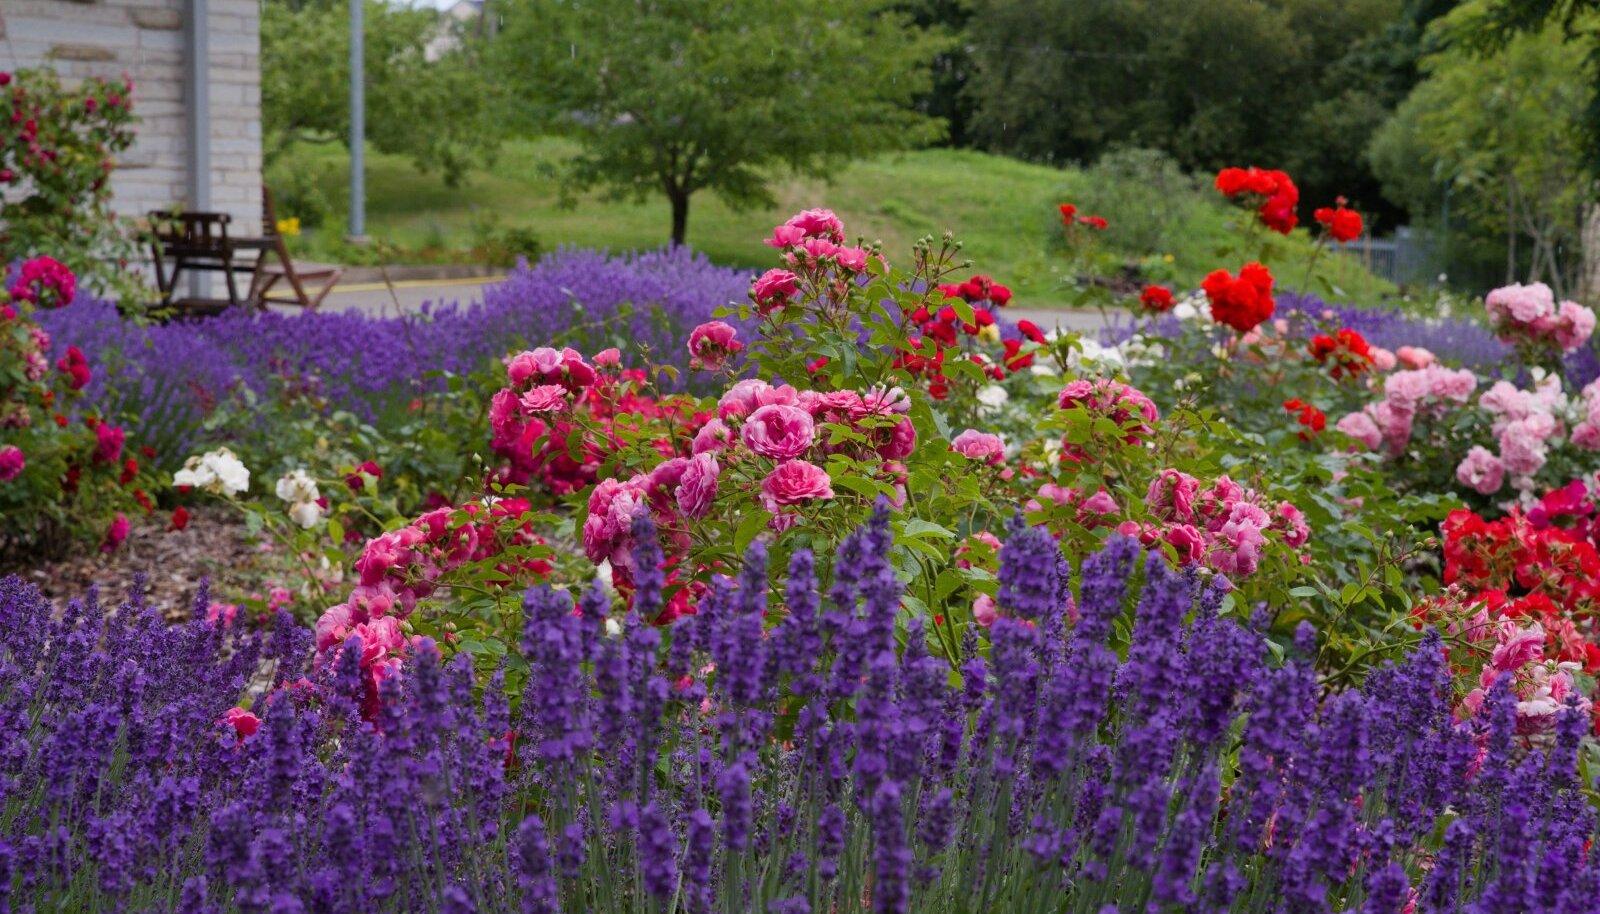 Läbi rosaariumi avaneb vaade künklikule viljapuuaiale.